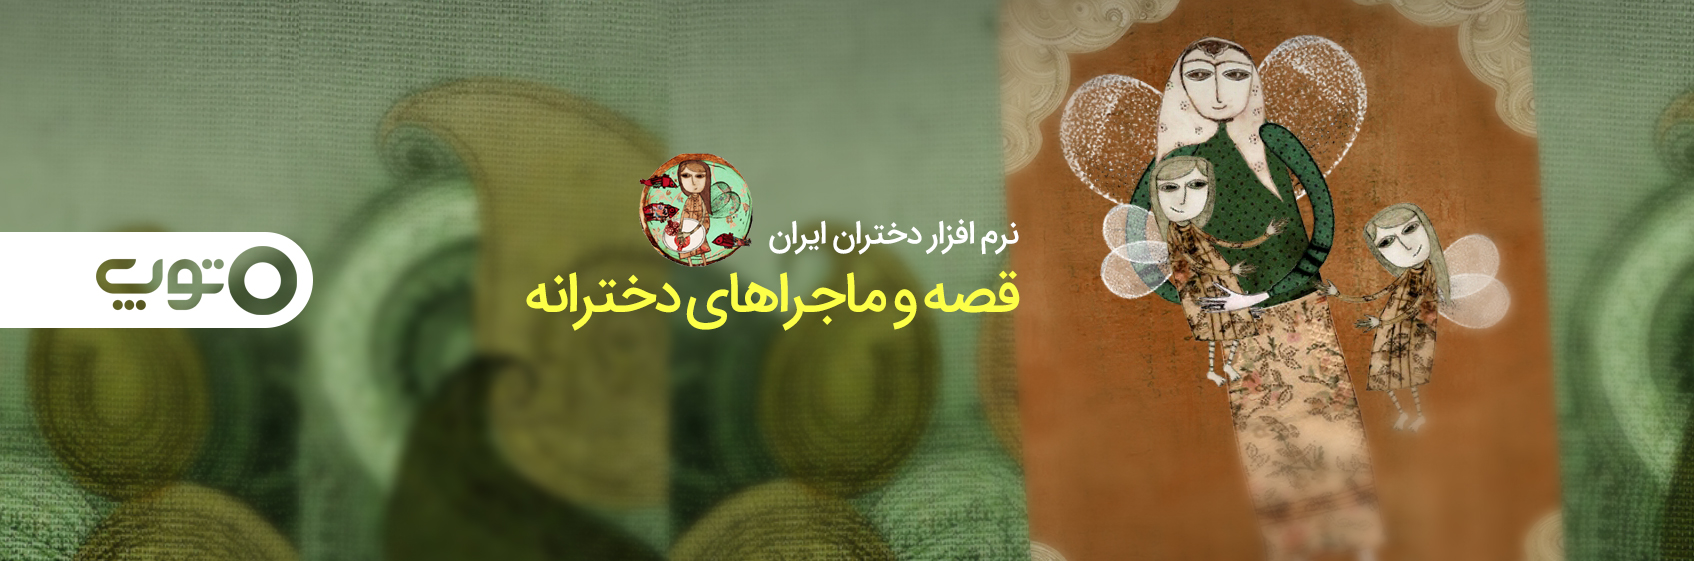 دختران ایران (داستان تعاملی)